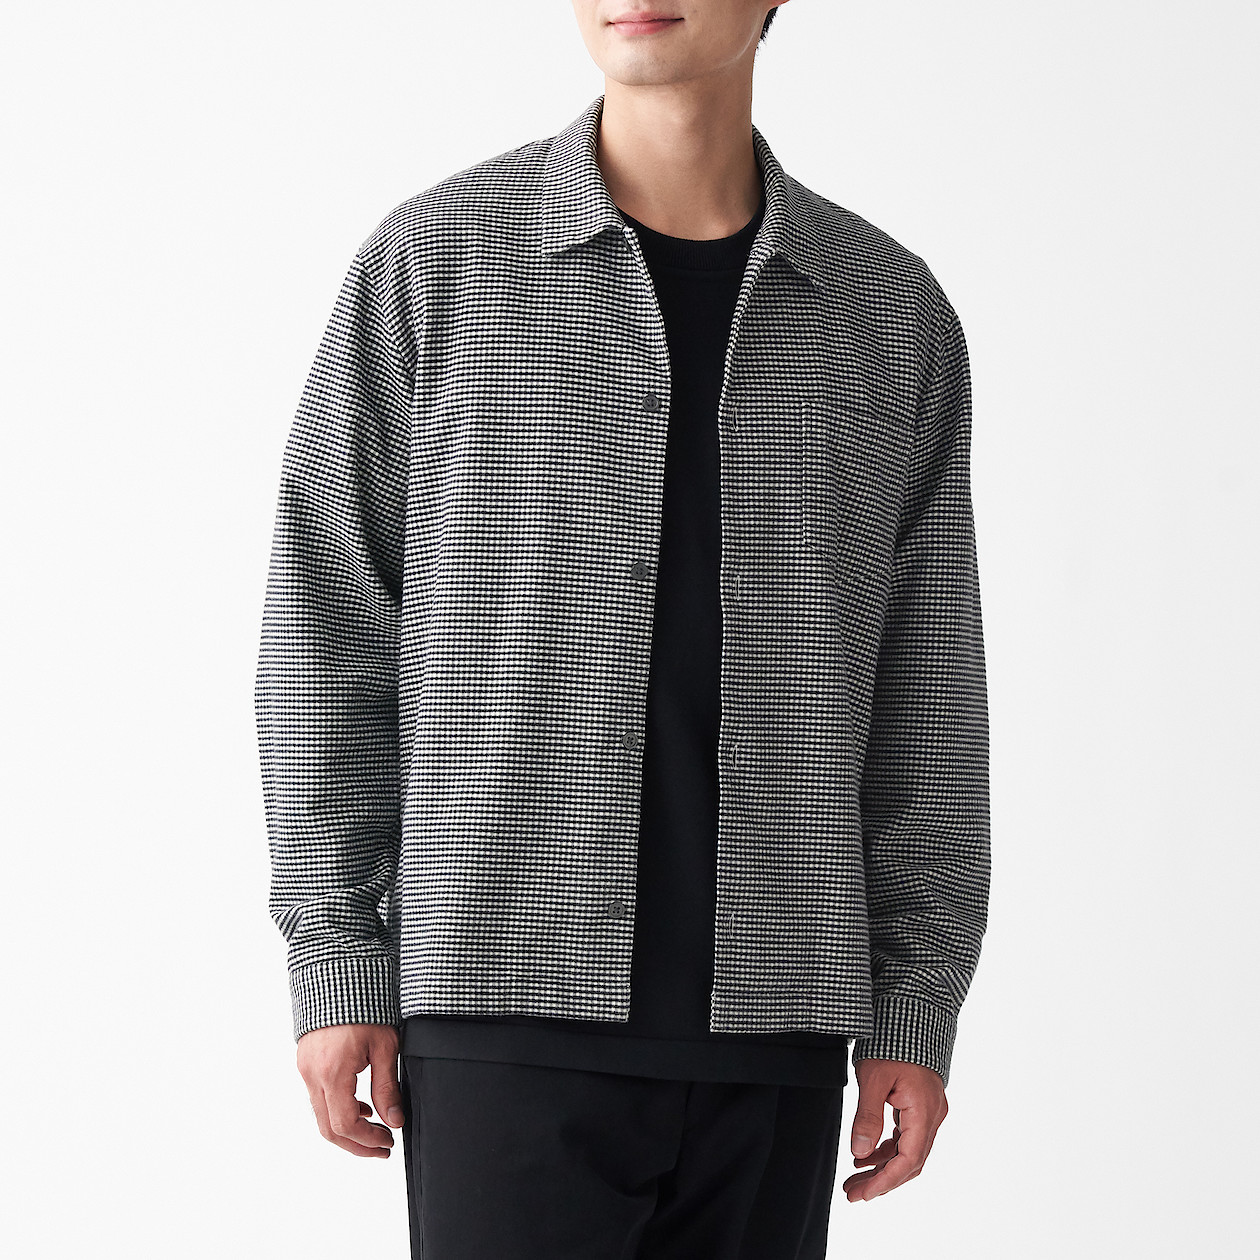 男有機棉法蘭絨方型剪裁襯衫 柔白格紋XS | 無印良品